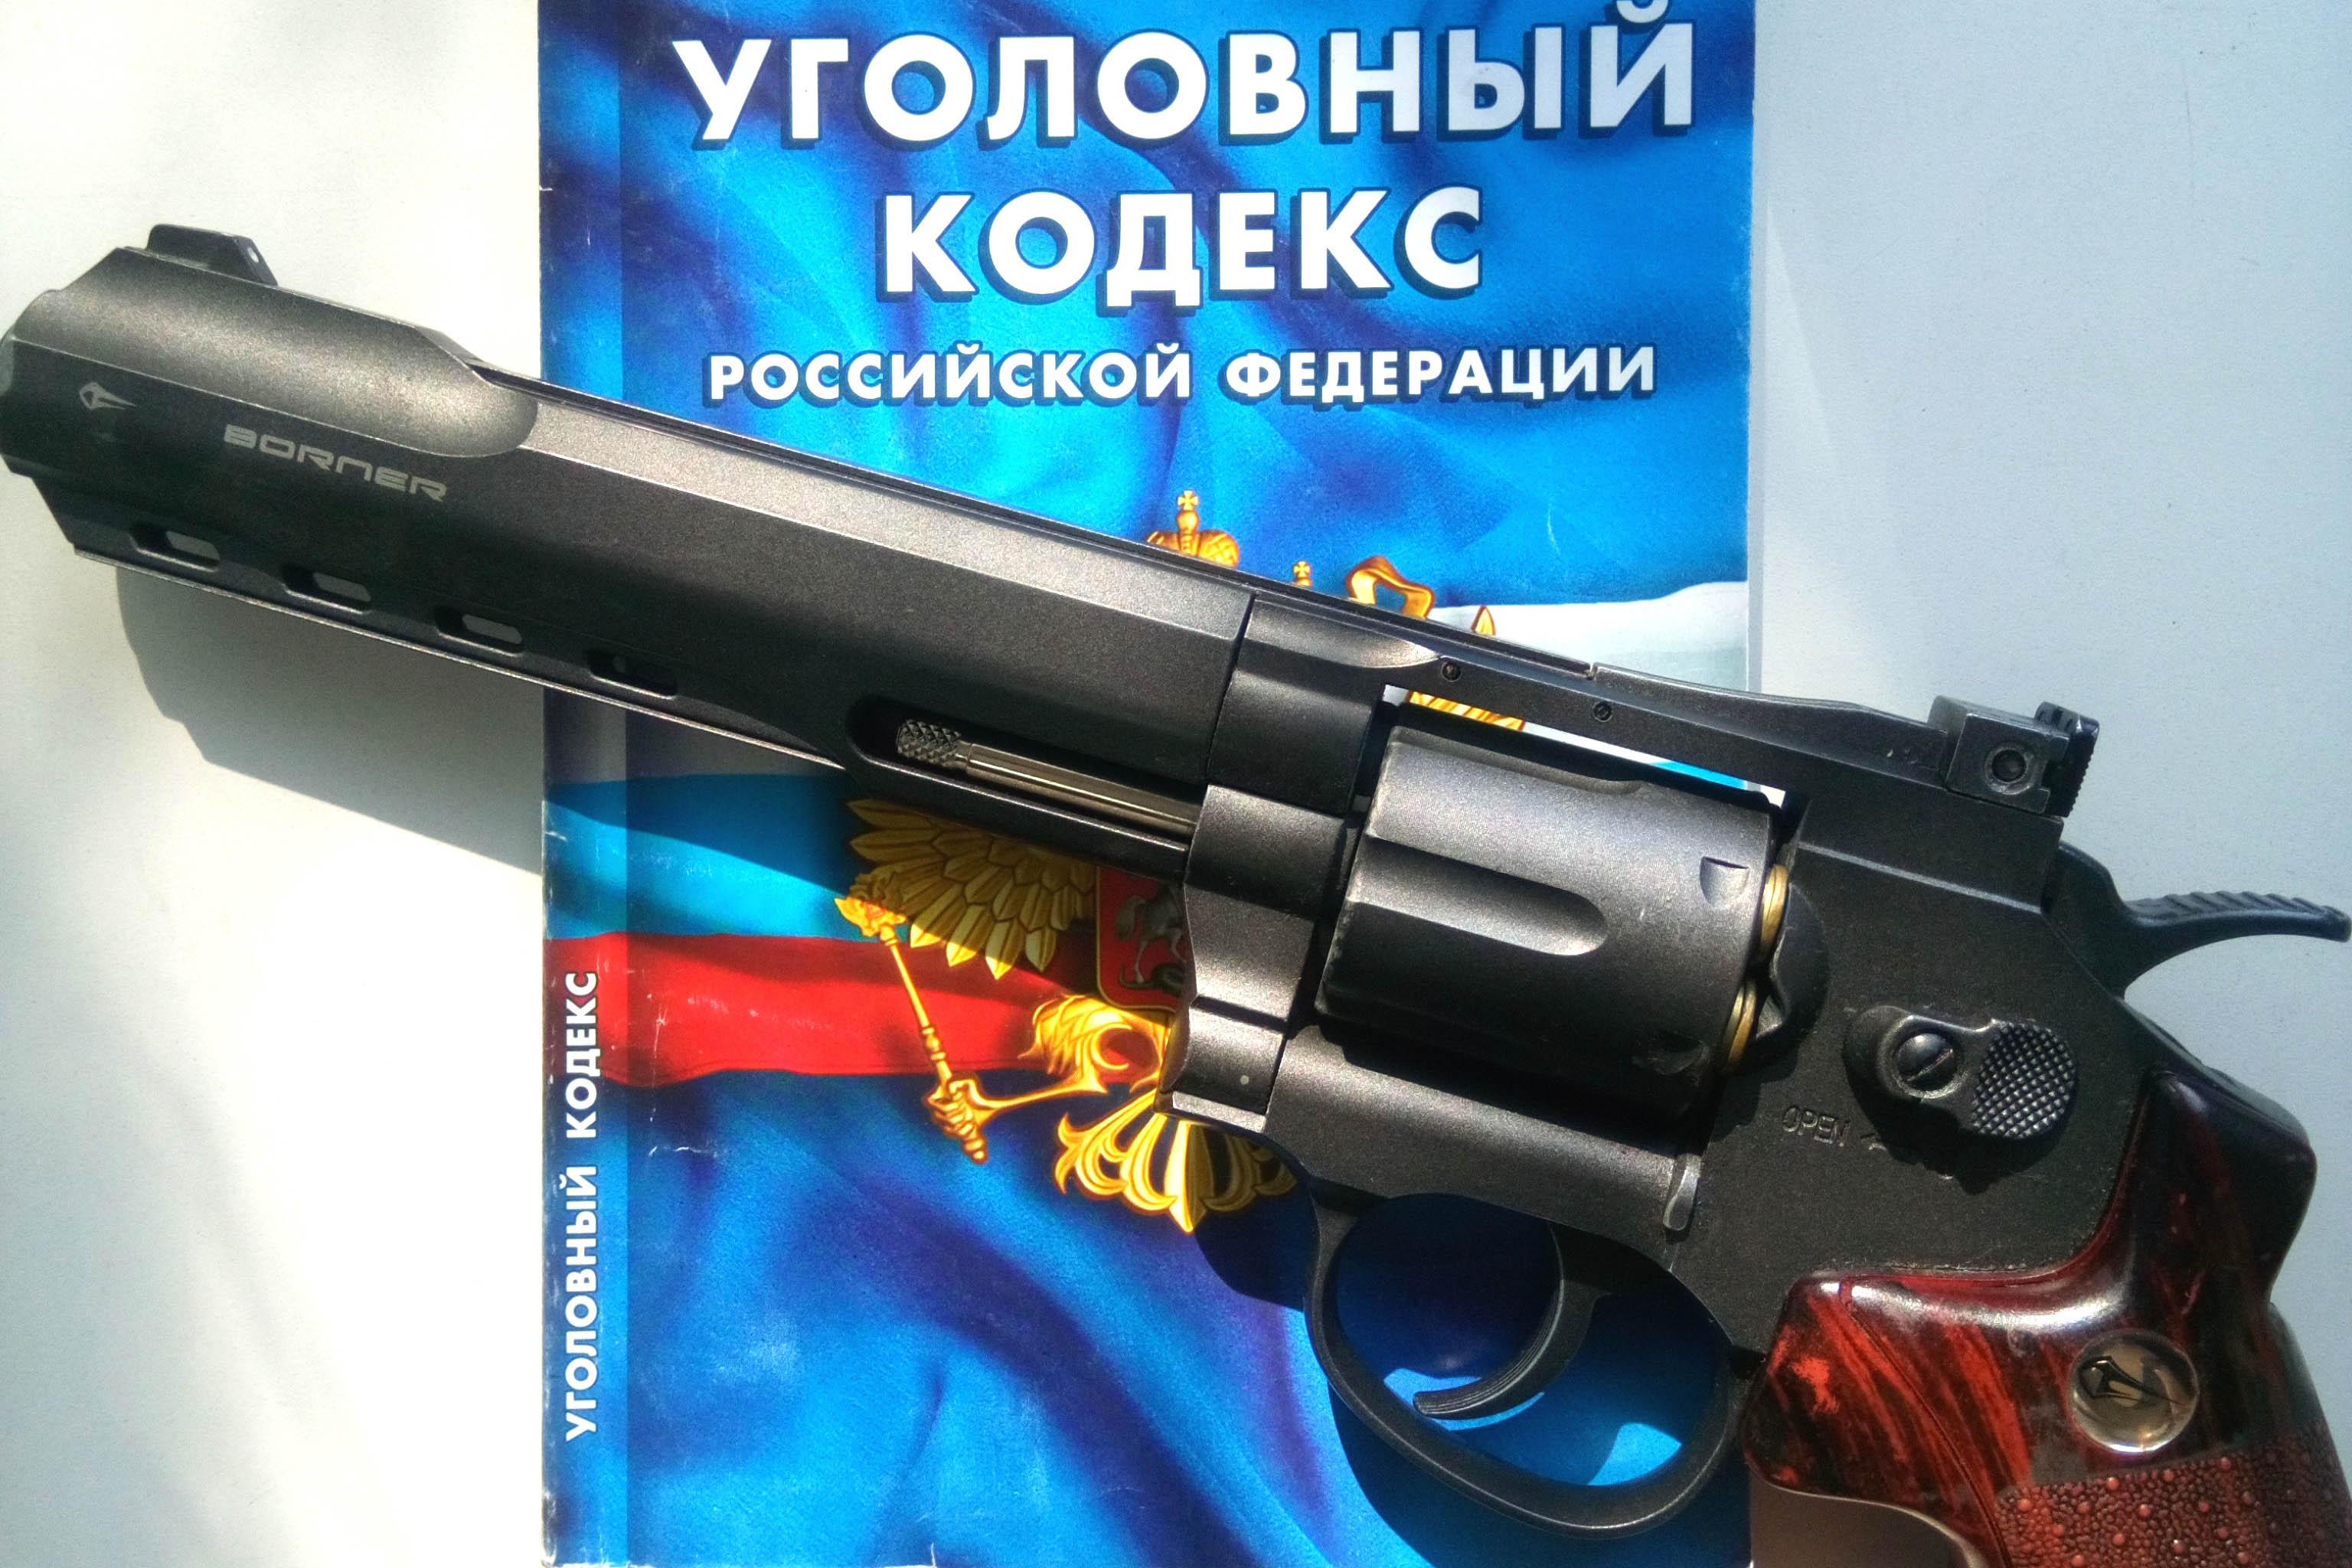 Северчанин случайно подстрелил себя найденным пистолетом